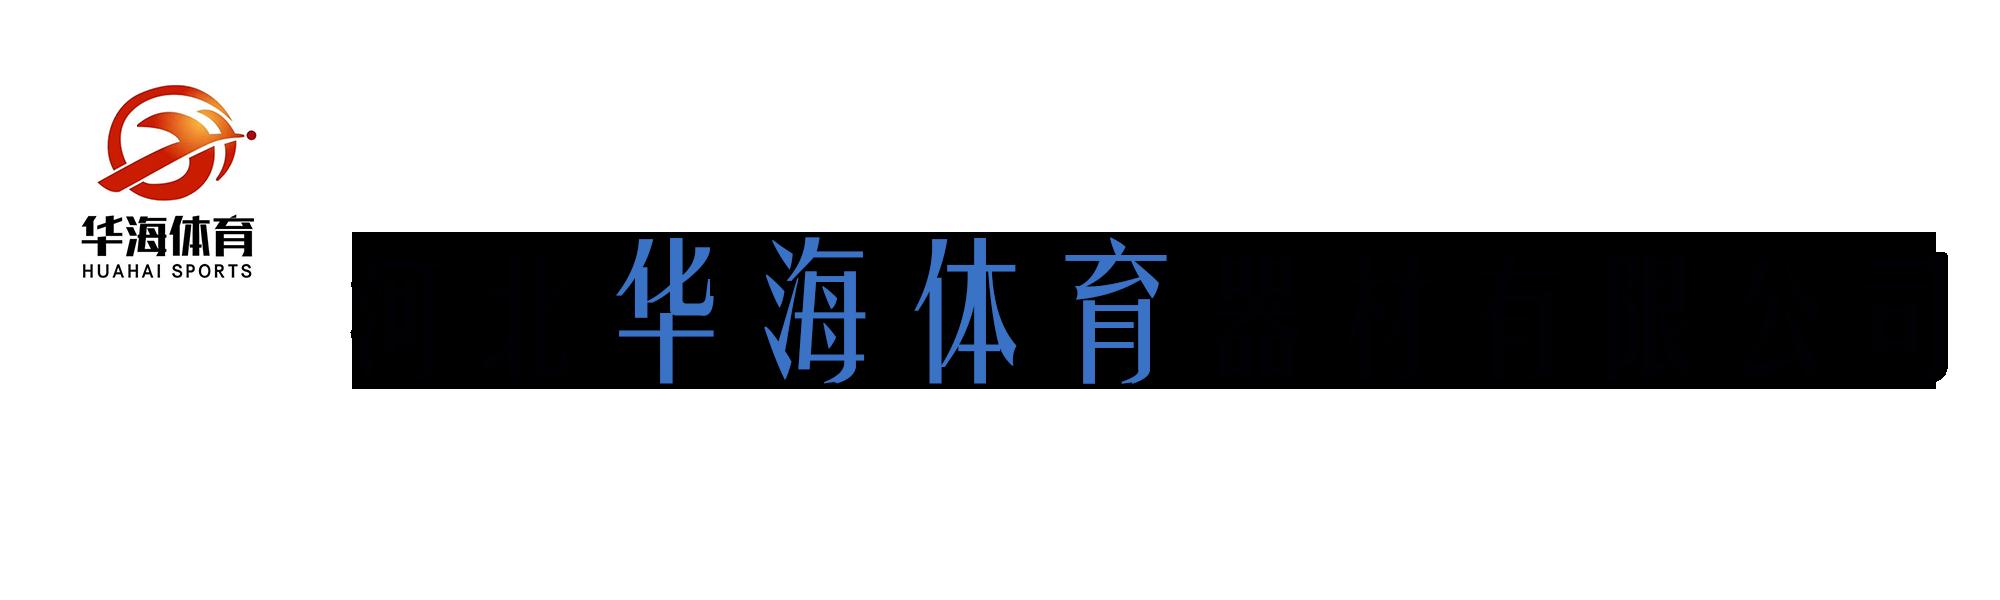 快乐8体育网址-快乐8体育官网